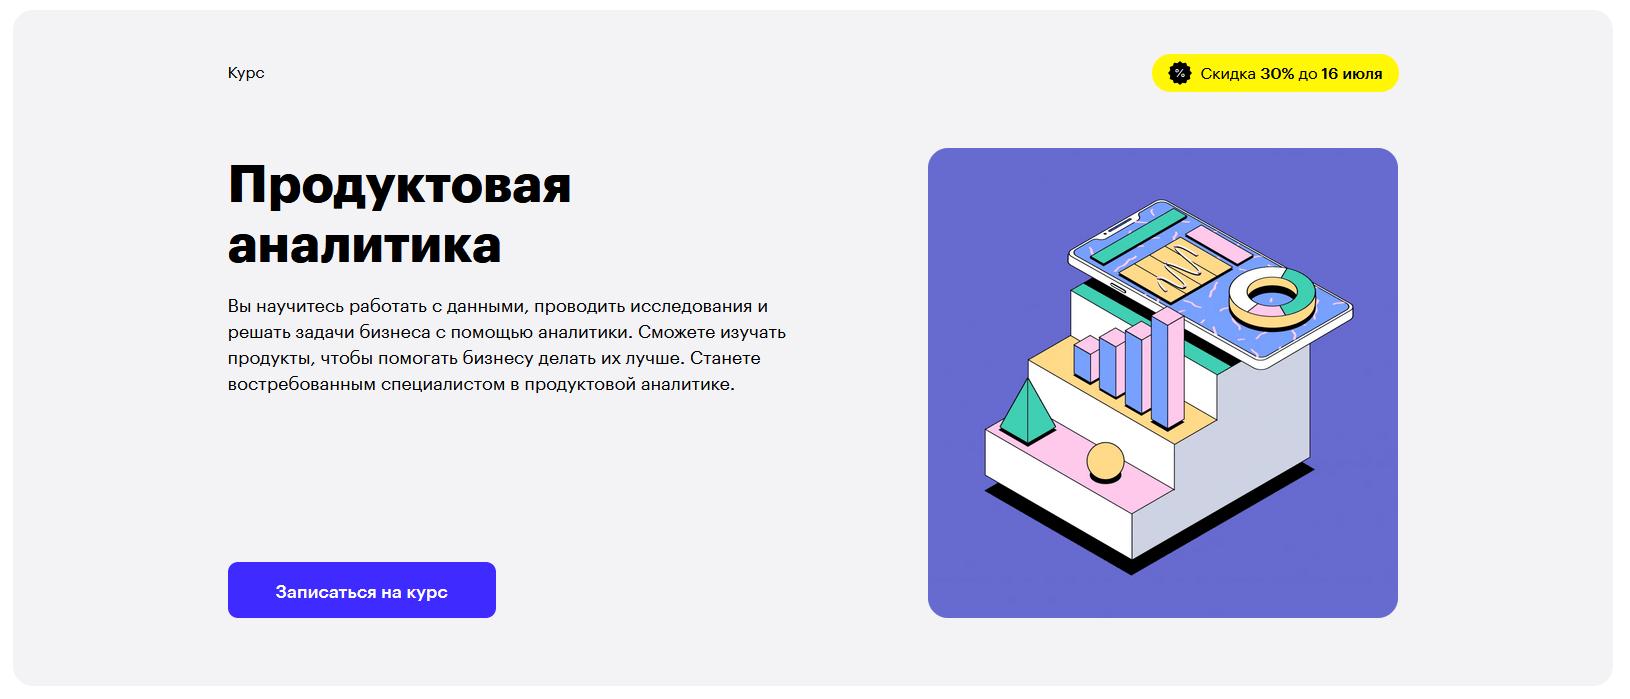 Kurs-Produktovaya-analitika_-bystryj-start_